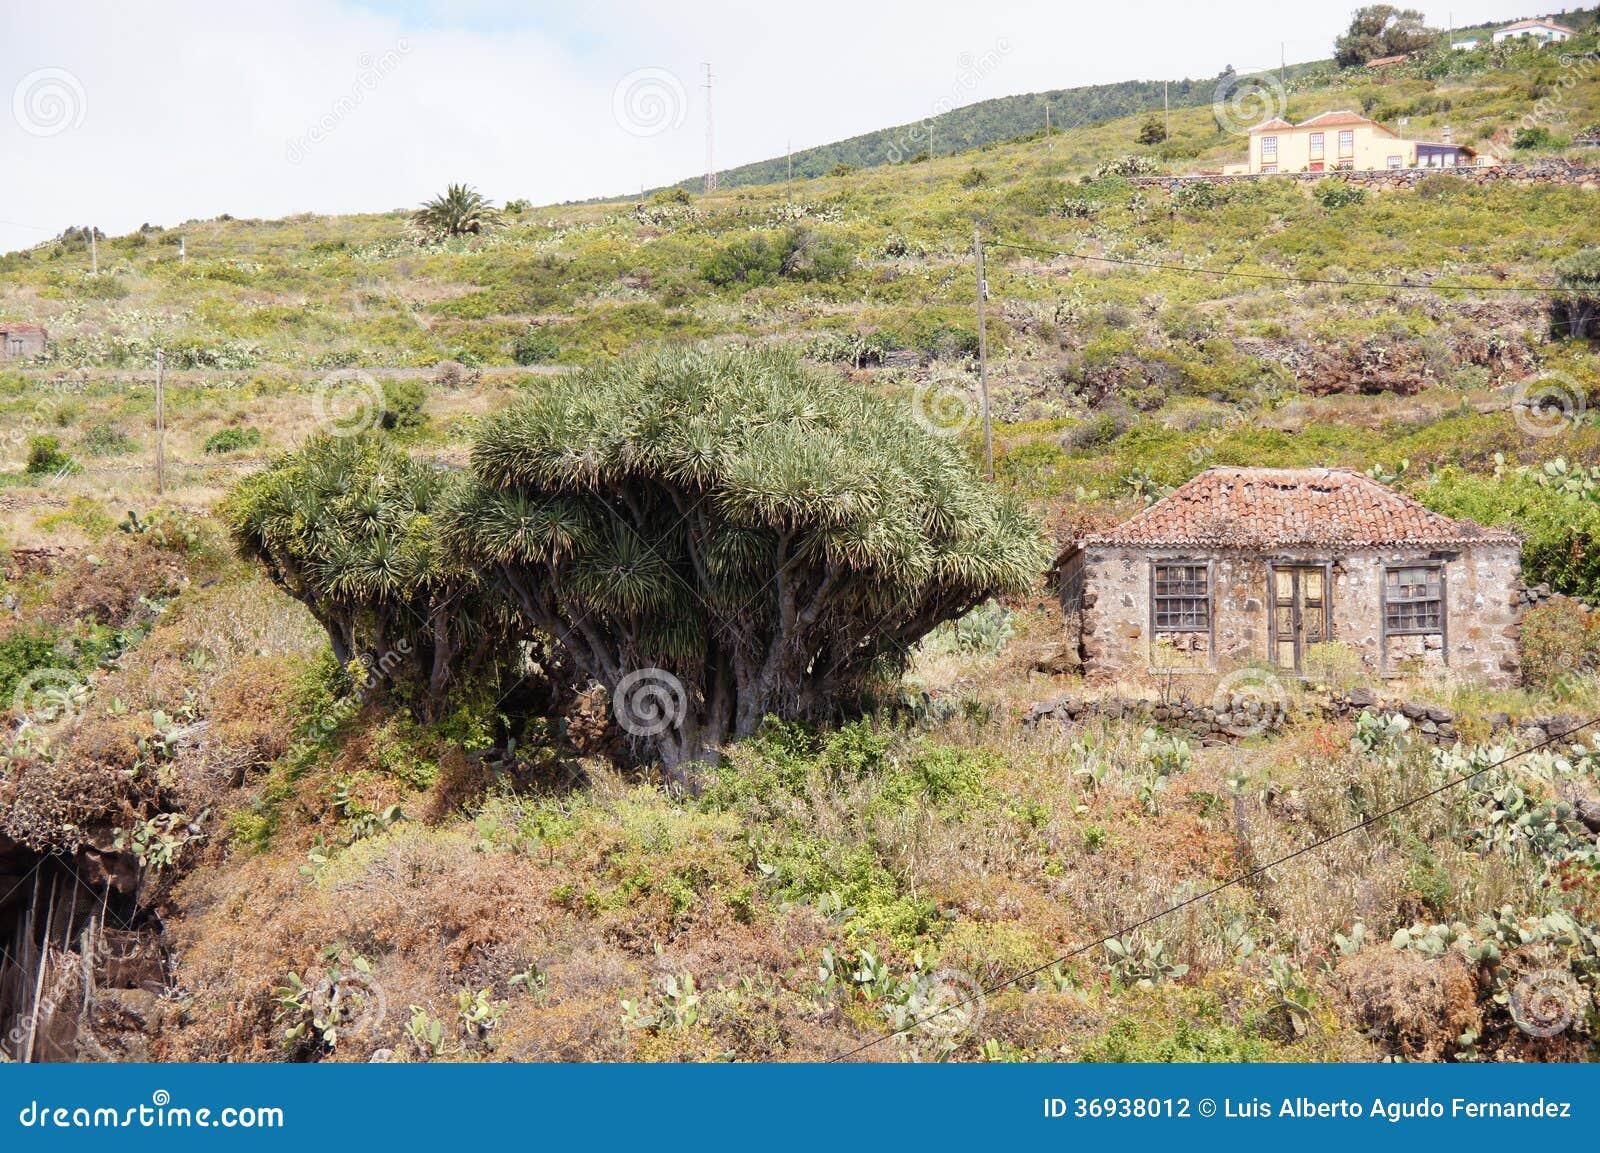 Casa típica con drago